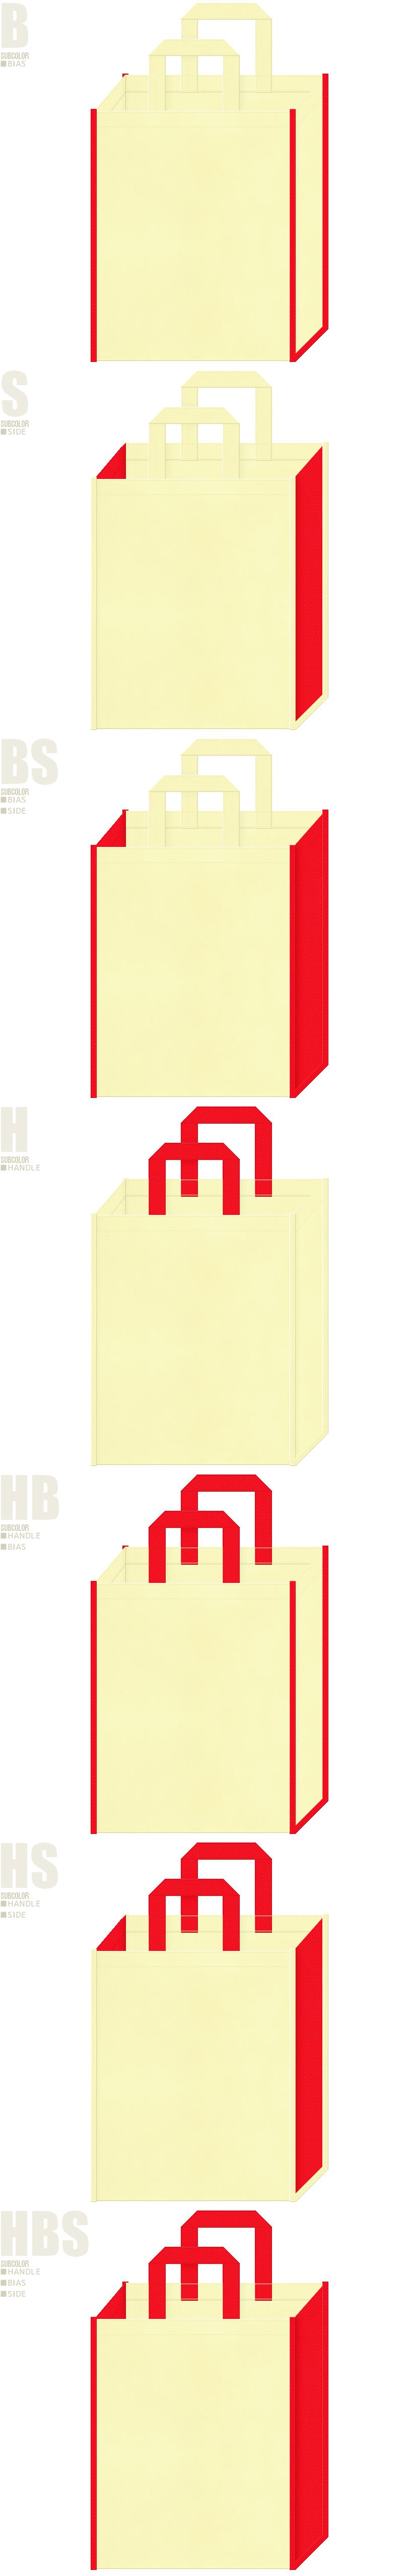 マヨネーズ・チーズ・ピザ・七五三・節分・ひな祭り・和風催事・キッズイベントにお奨めの不織布バッグデザイン:薄黄色と赤色の配色7パターン。